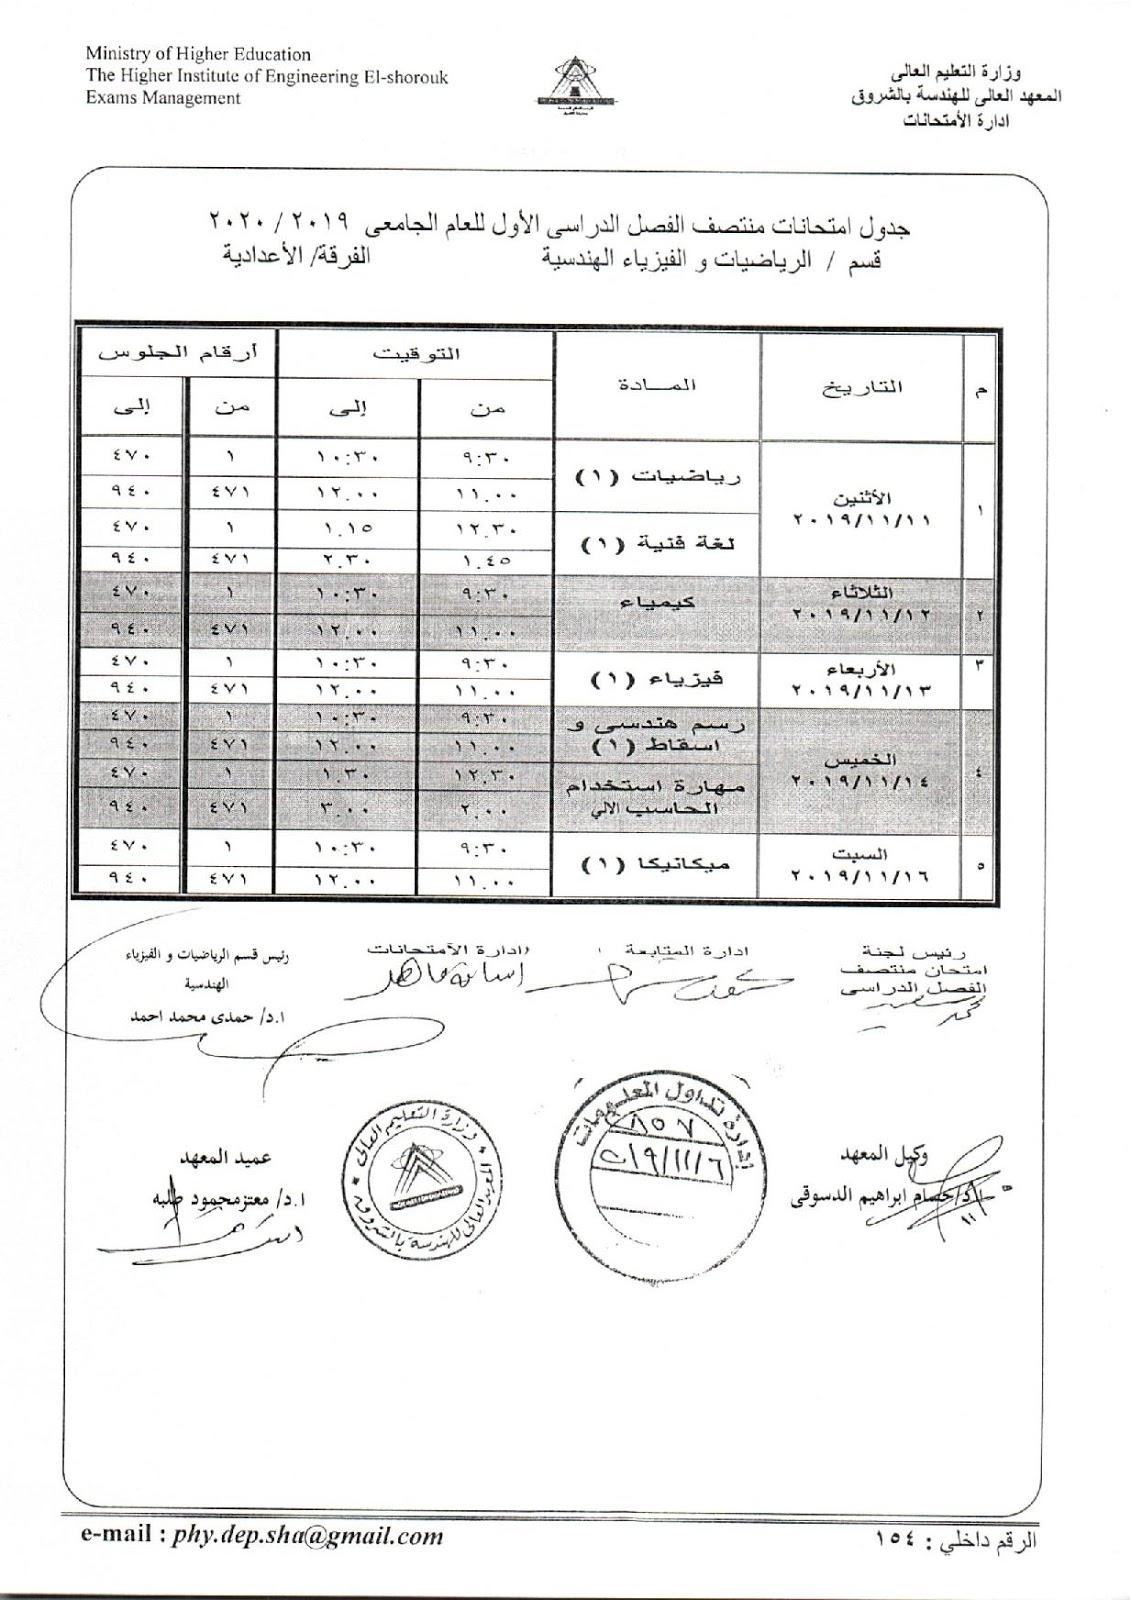 جدول امتحانات اعدادي هندسة الشروق الميدترم 2019-2020